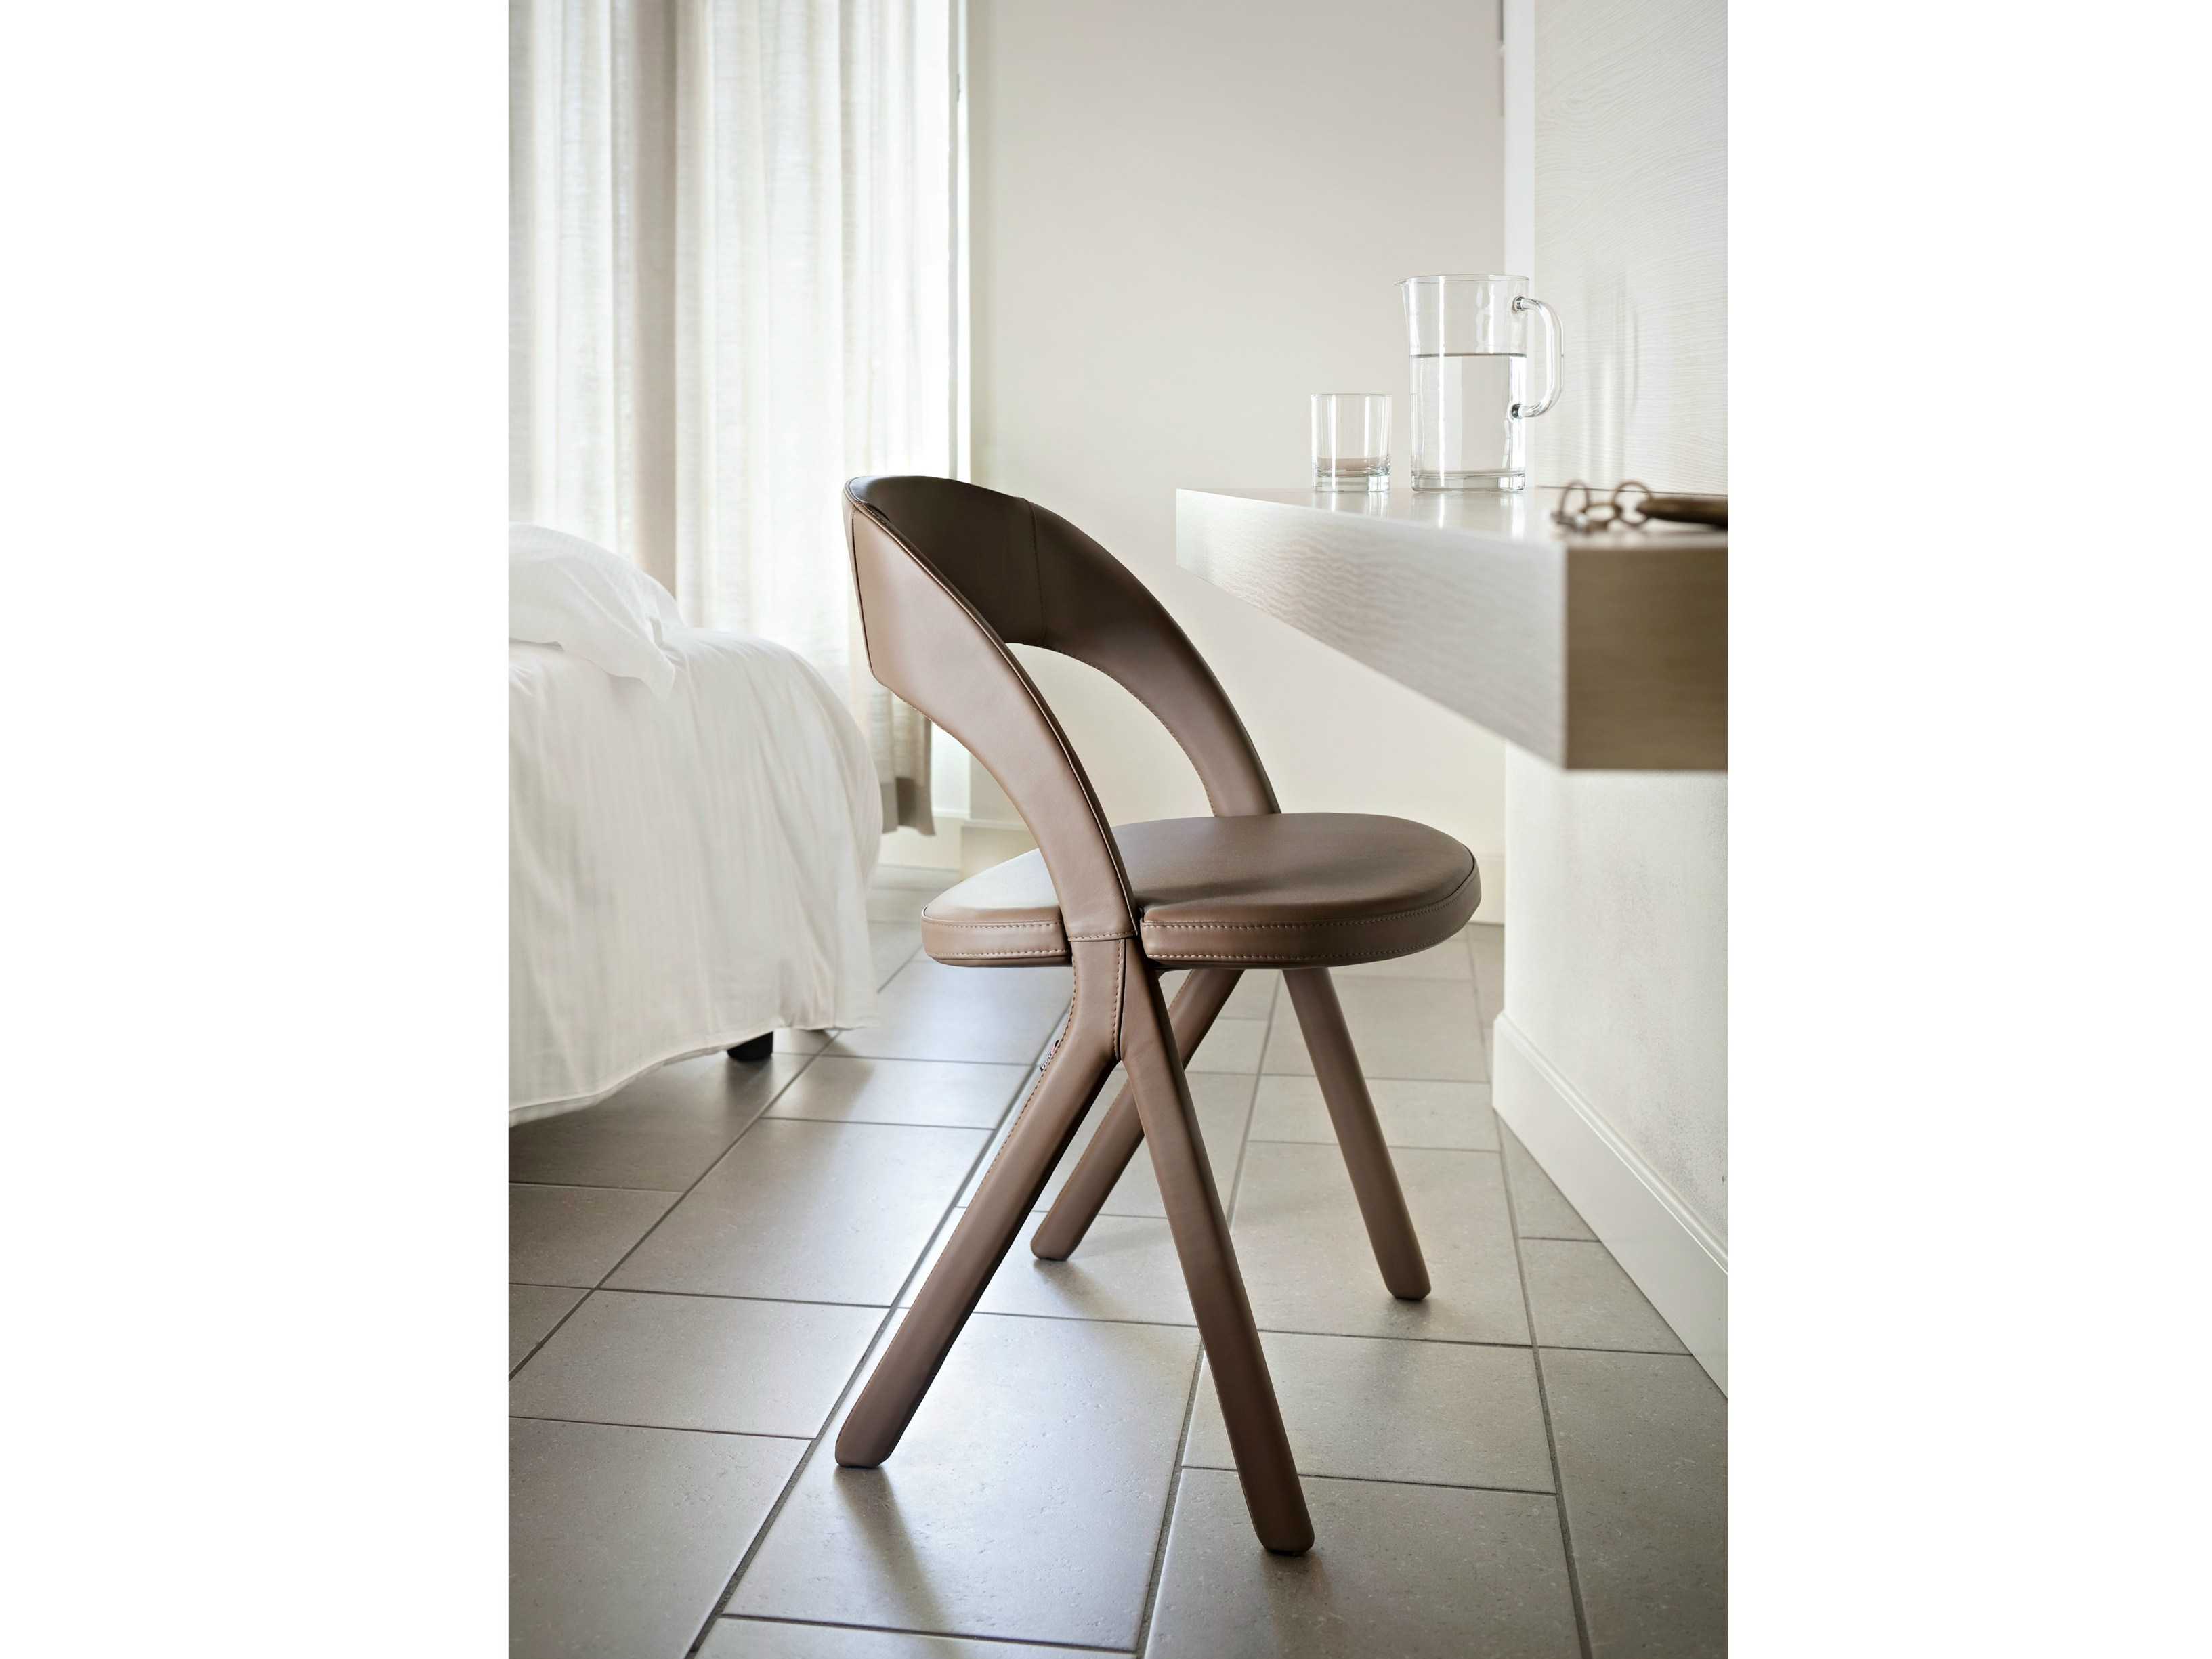 gesto chaise en cuir by alma design design mario mazzer. Black Bedroom Furniture Sets. Home Design Ideas